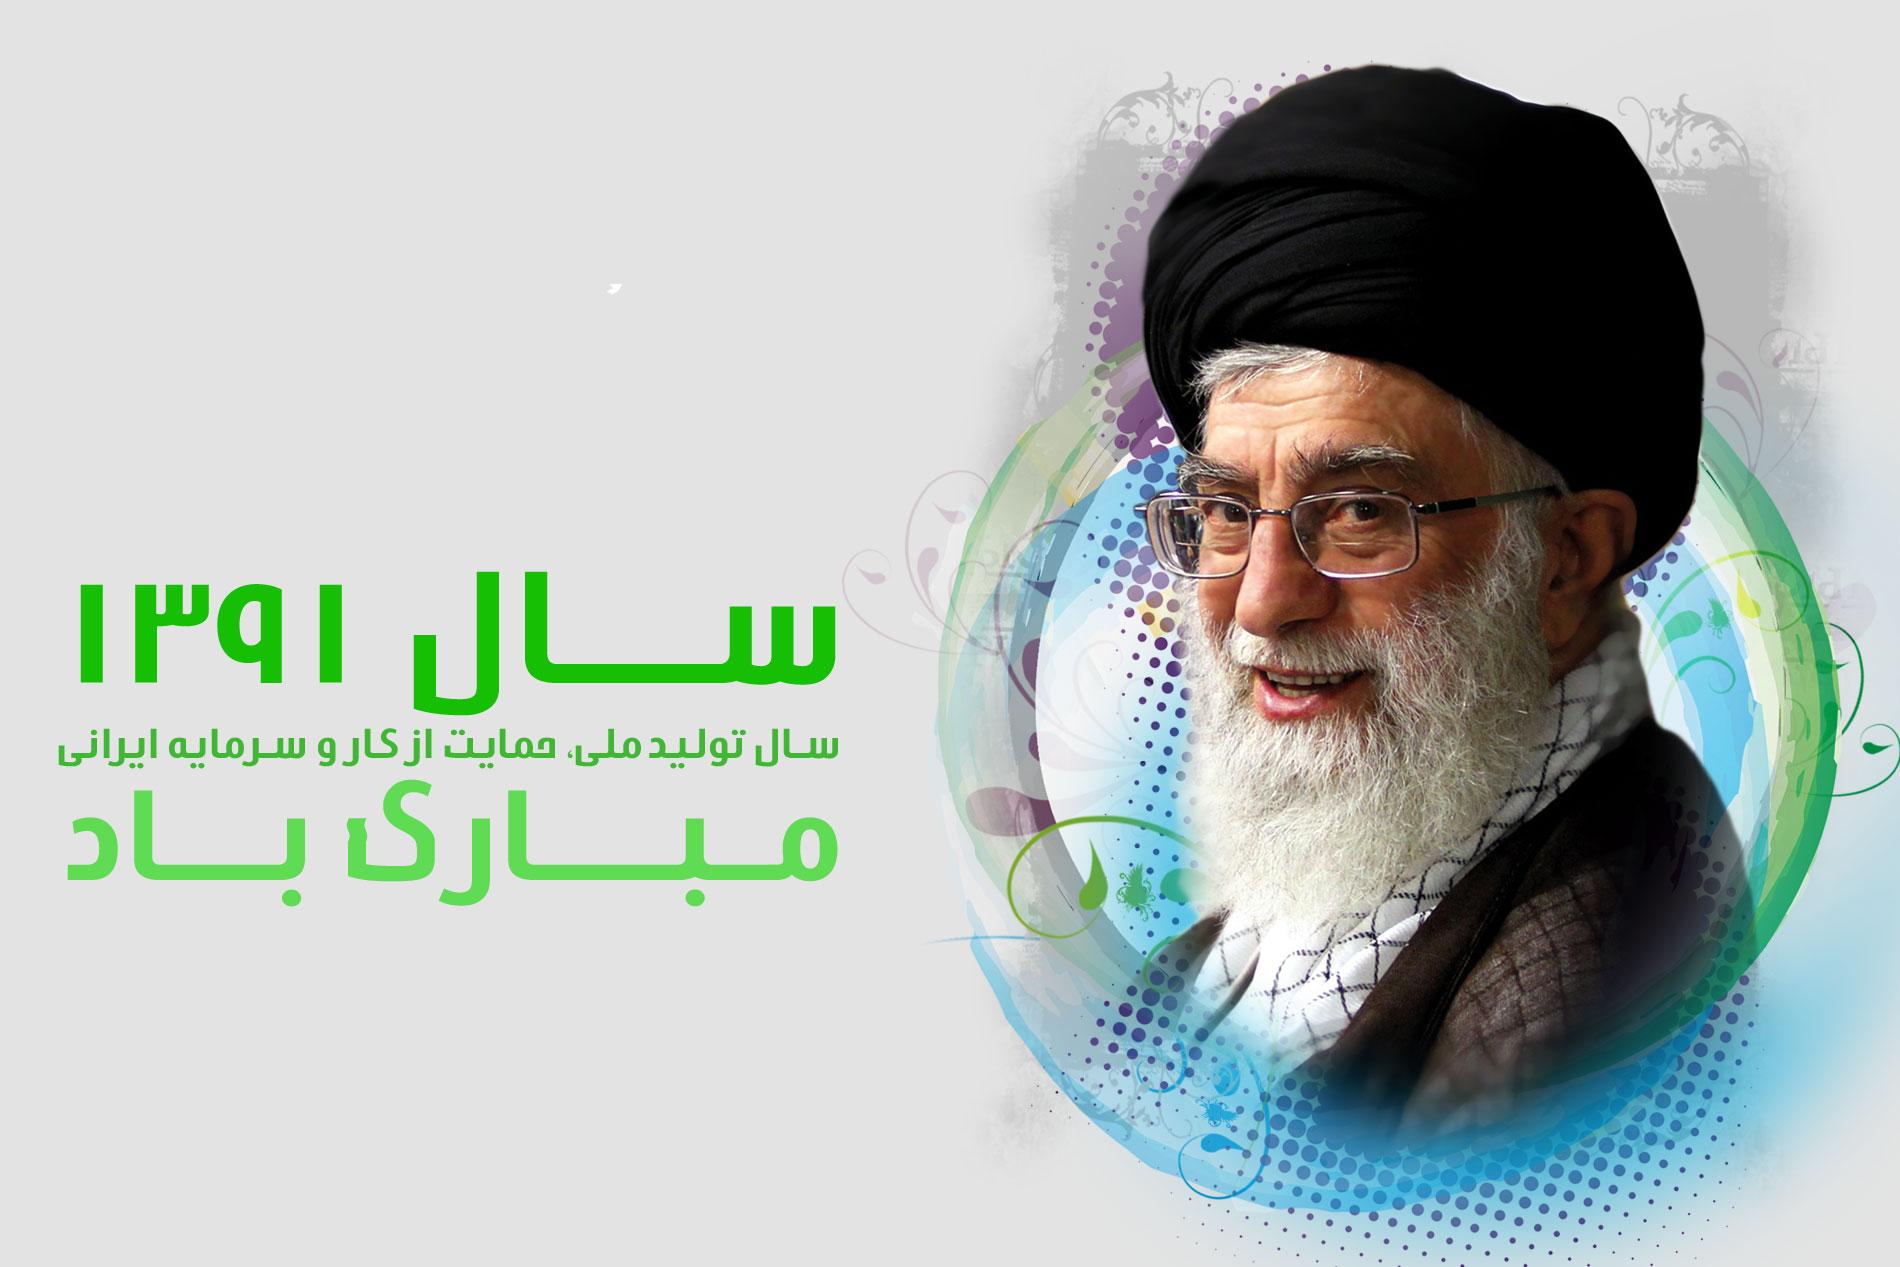 , تصاویر پس زمینهی زیبا از امام خامنهای